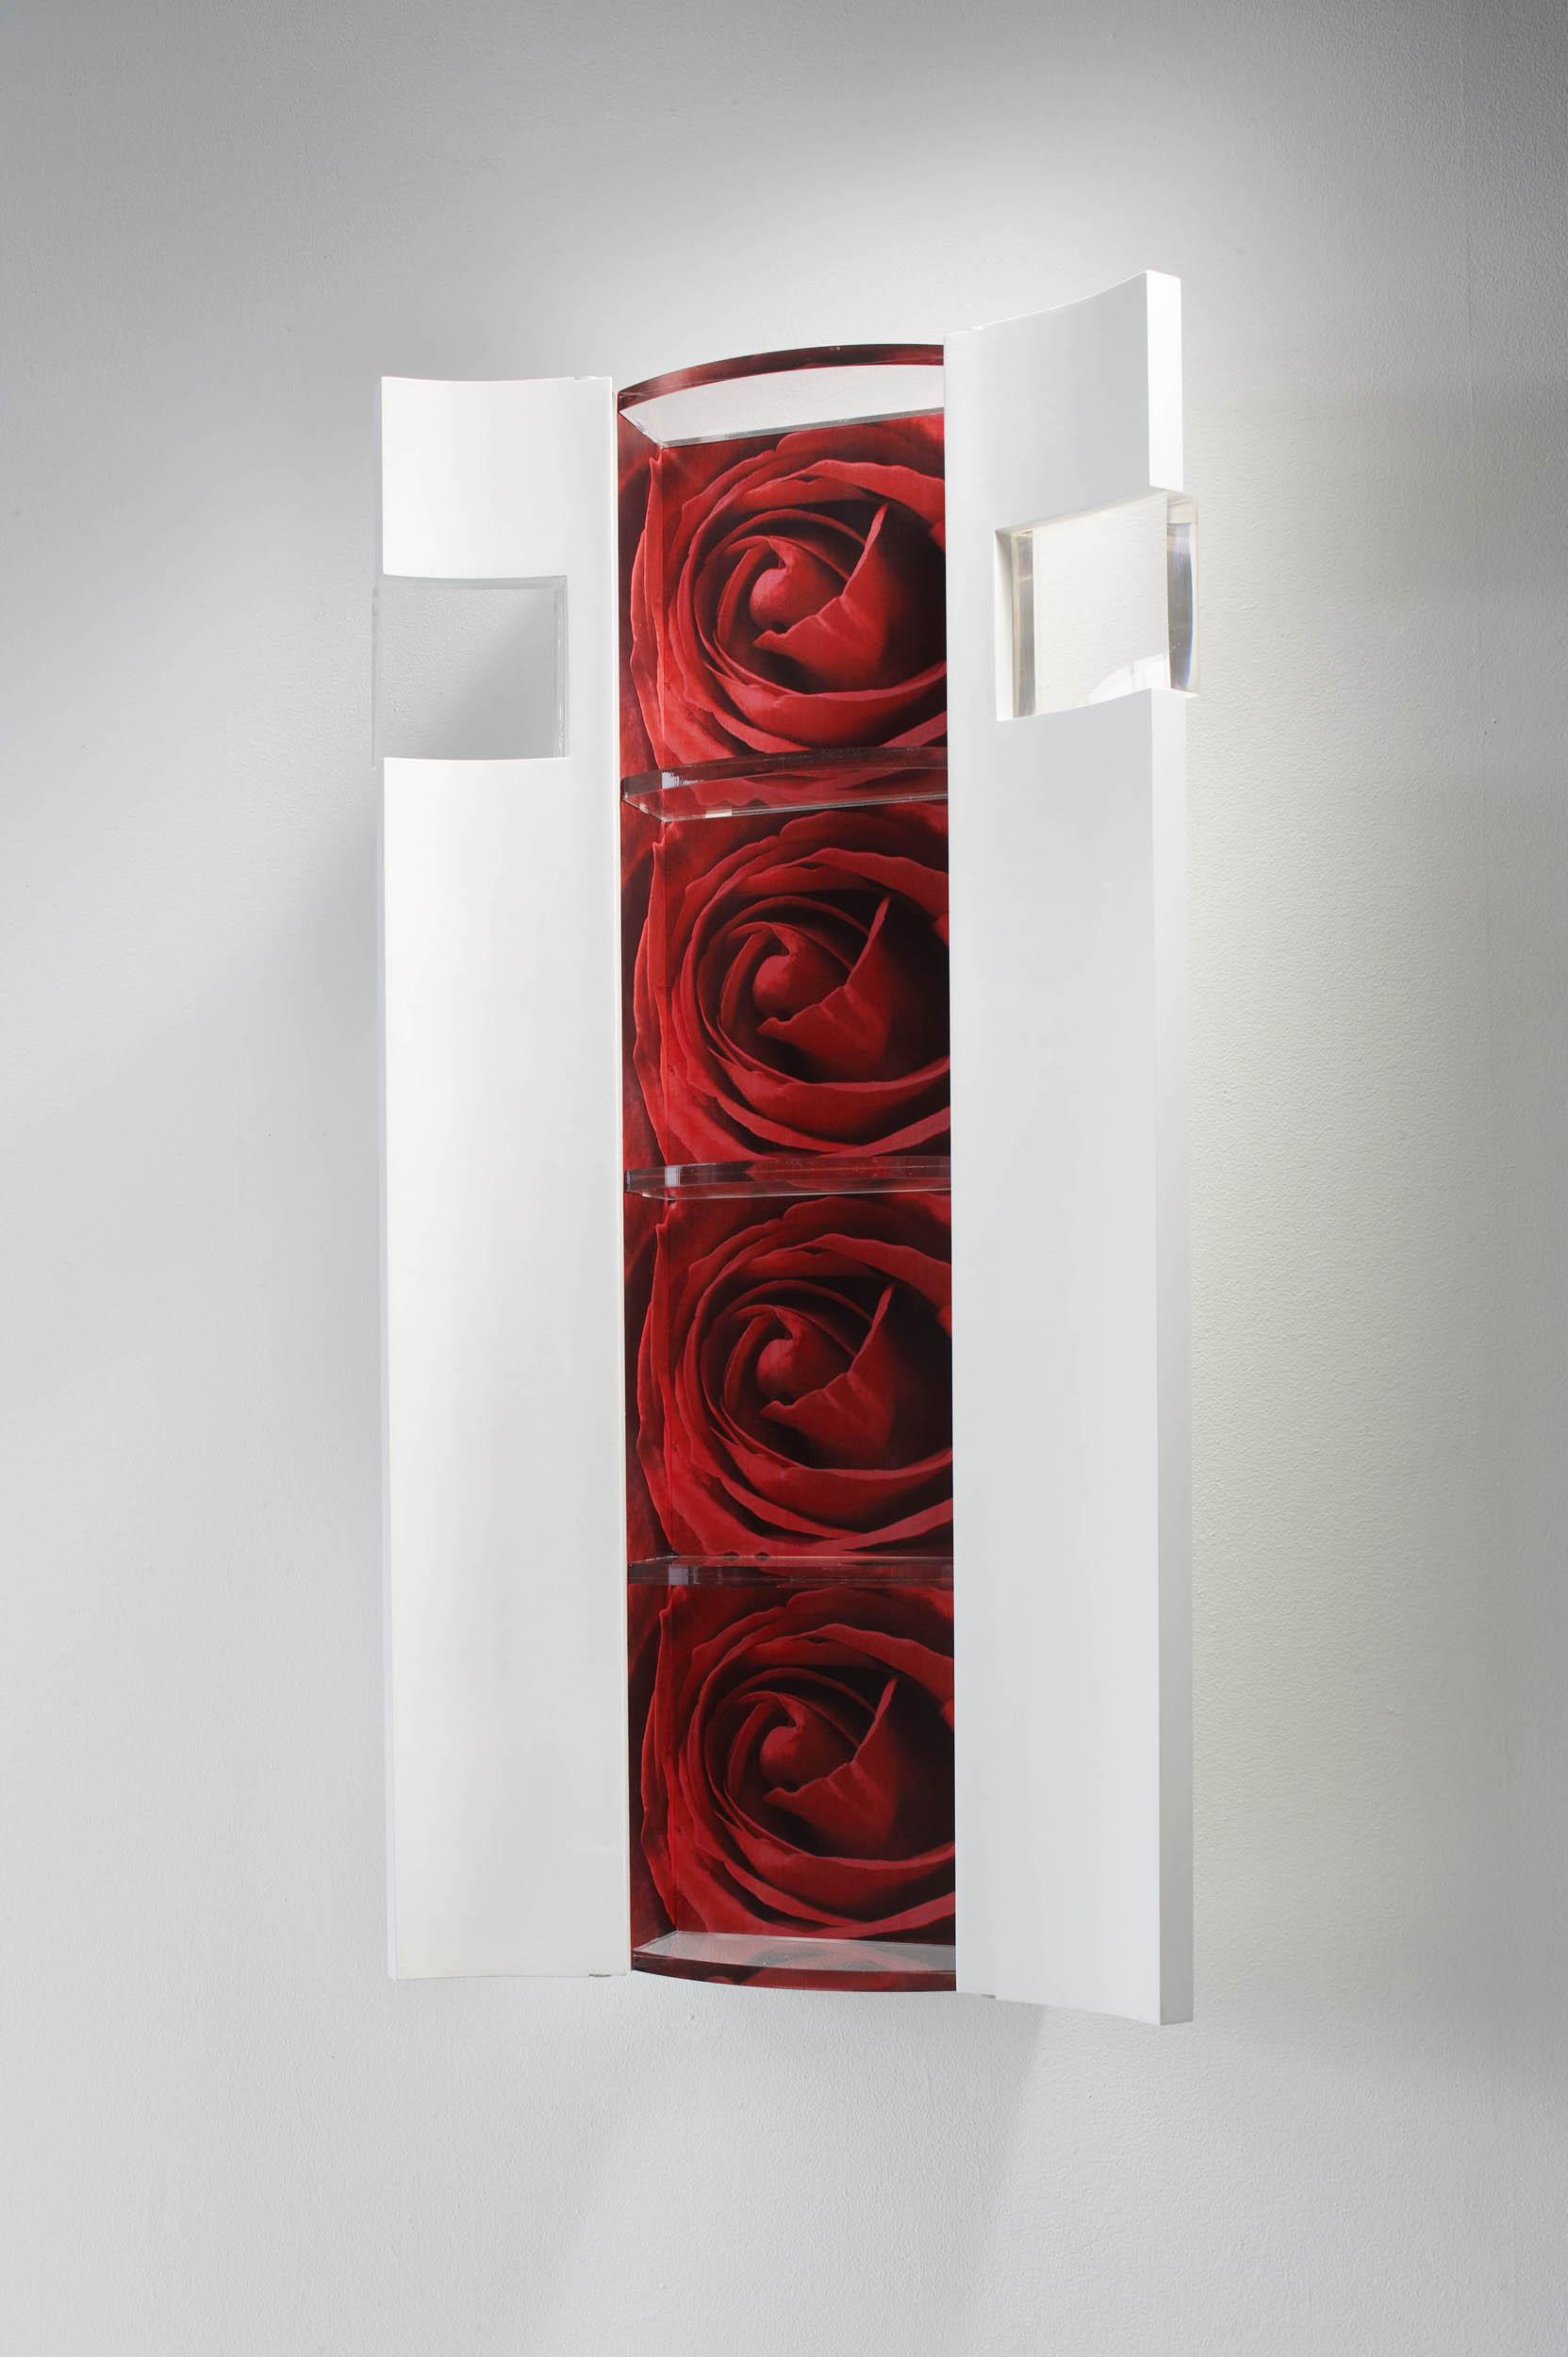 Rosenrød